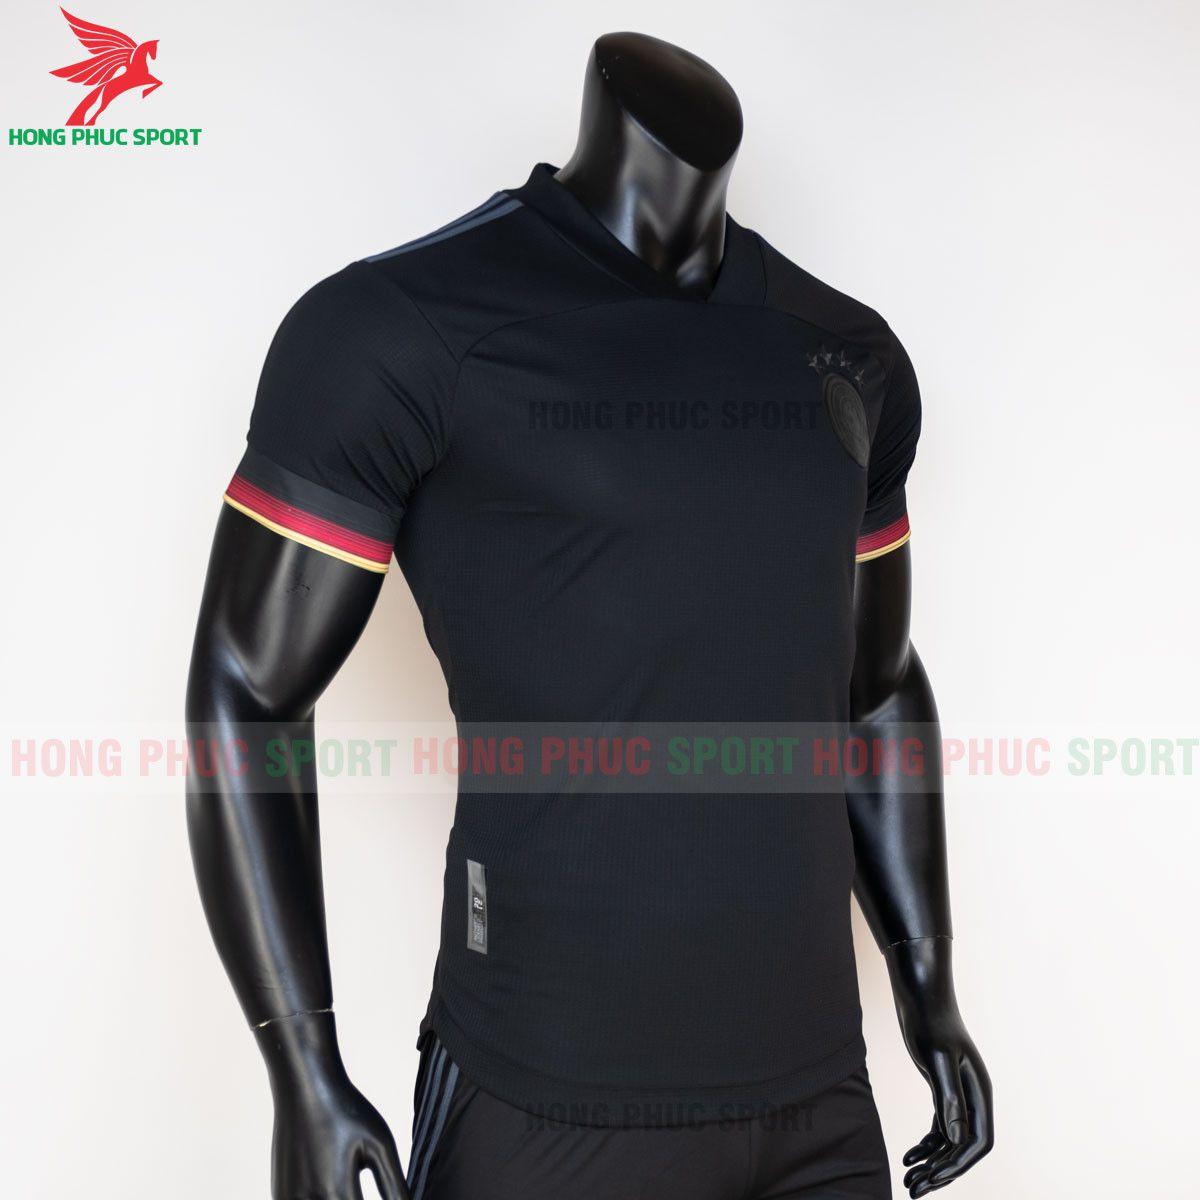 https://cdn.hongphucsport.com/unsafe/s4.shopbay.vn/files/285/ao-bong-da-tuyen-duc-2021-san-khach-hang-thai-3-60d2ffcb91193.jpg